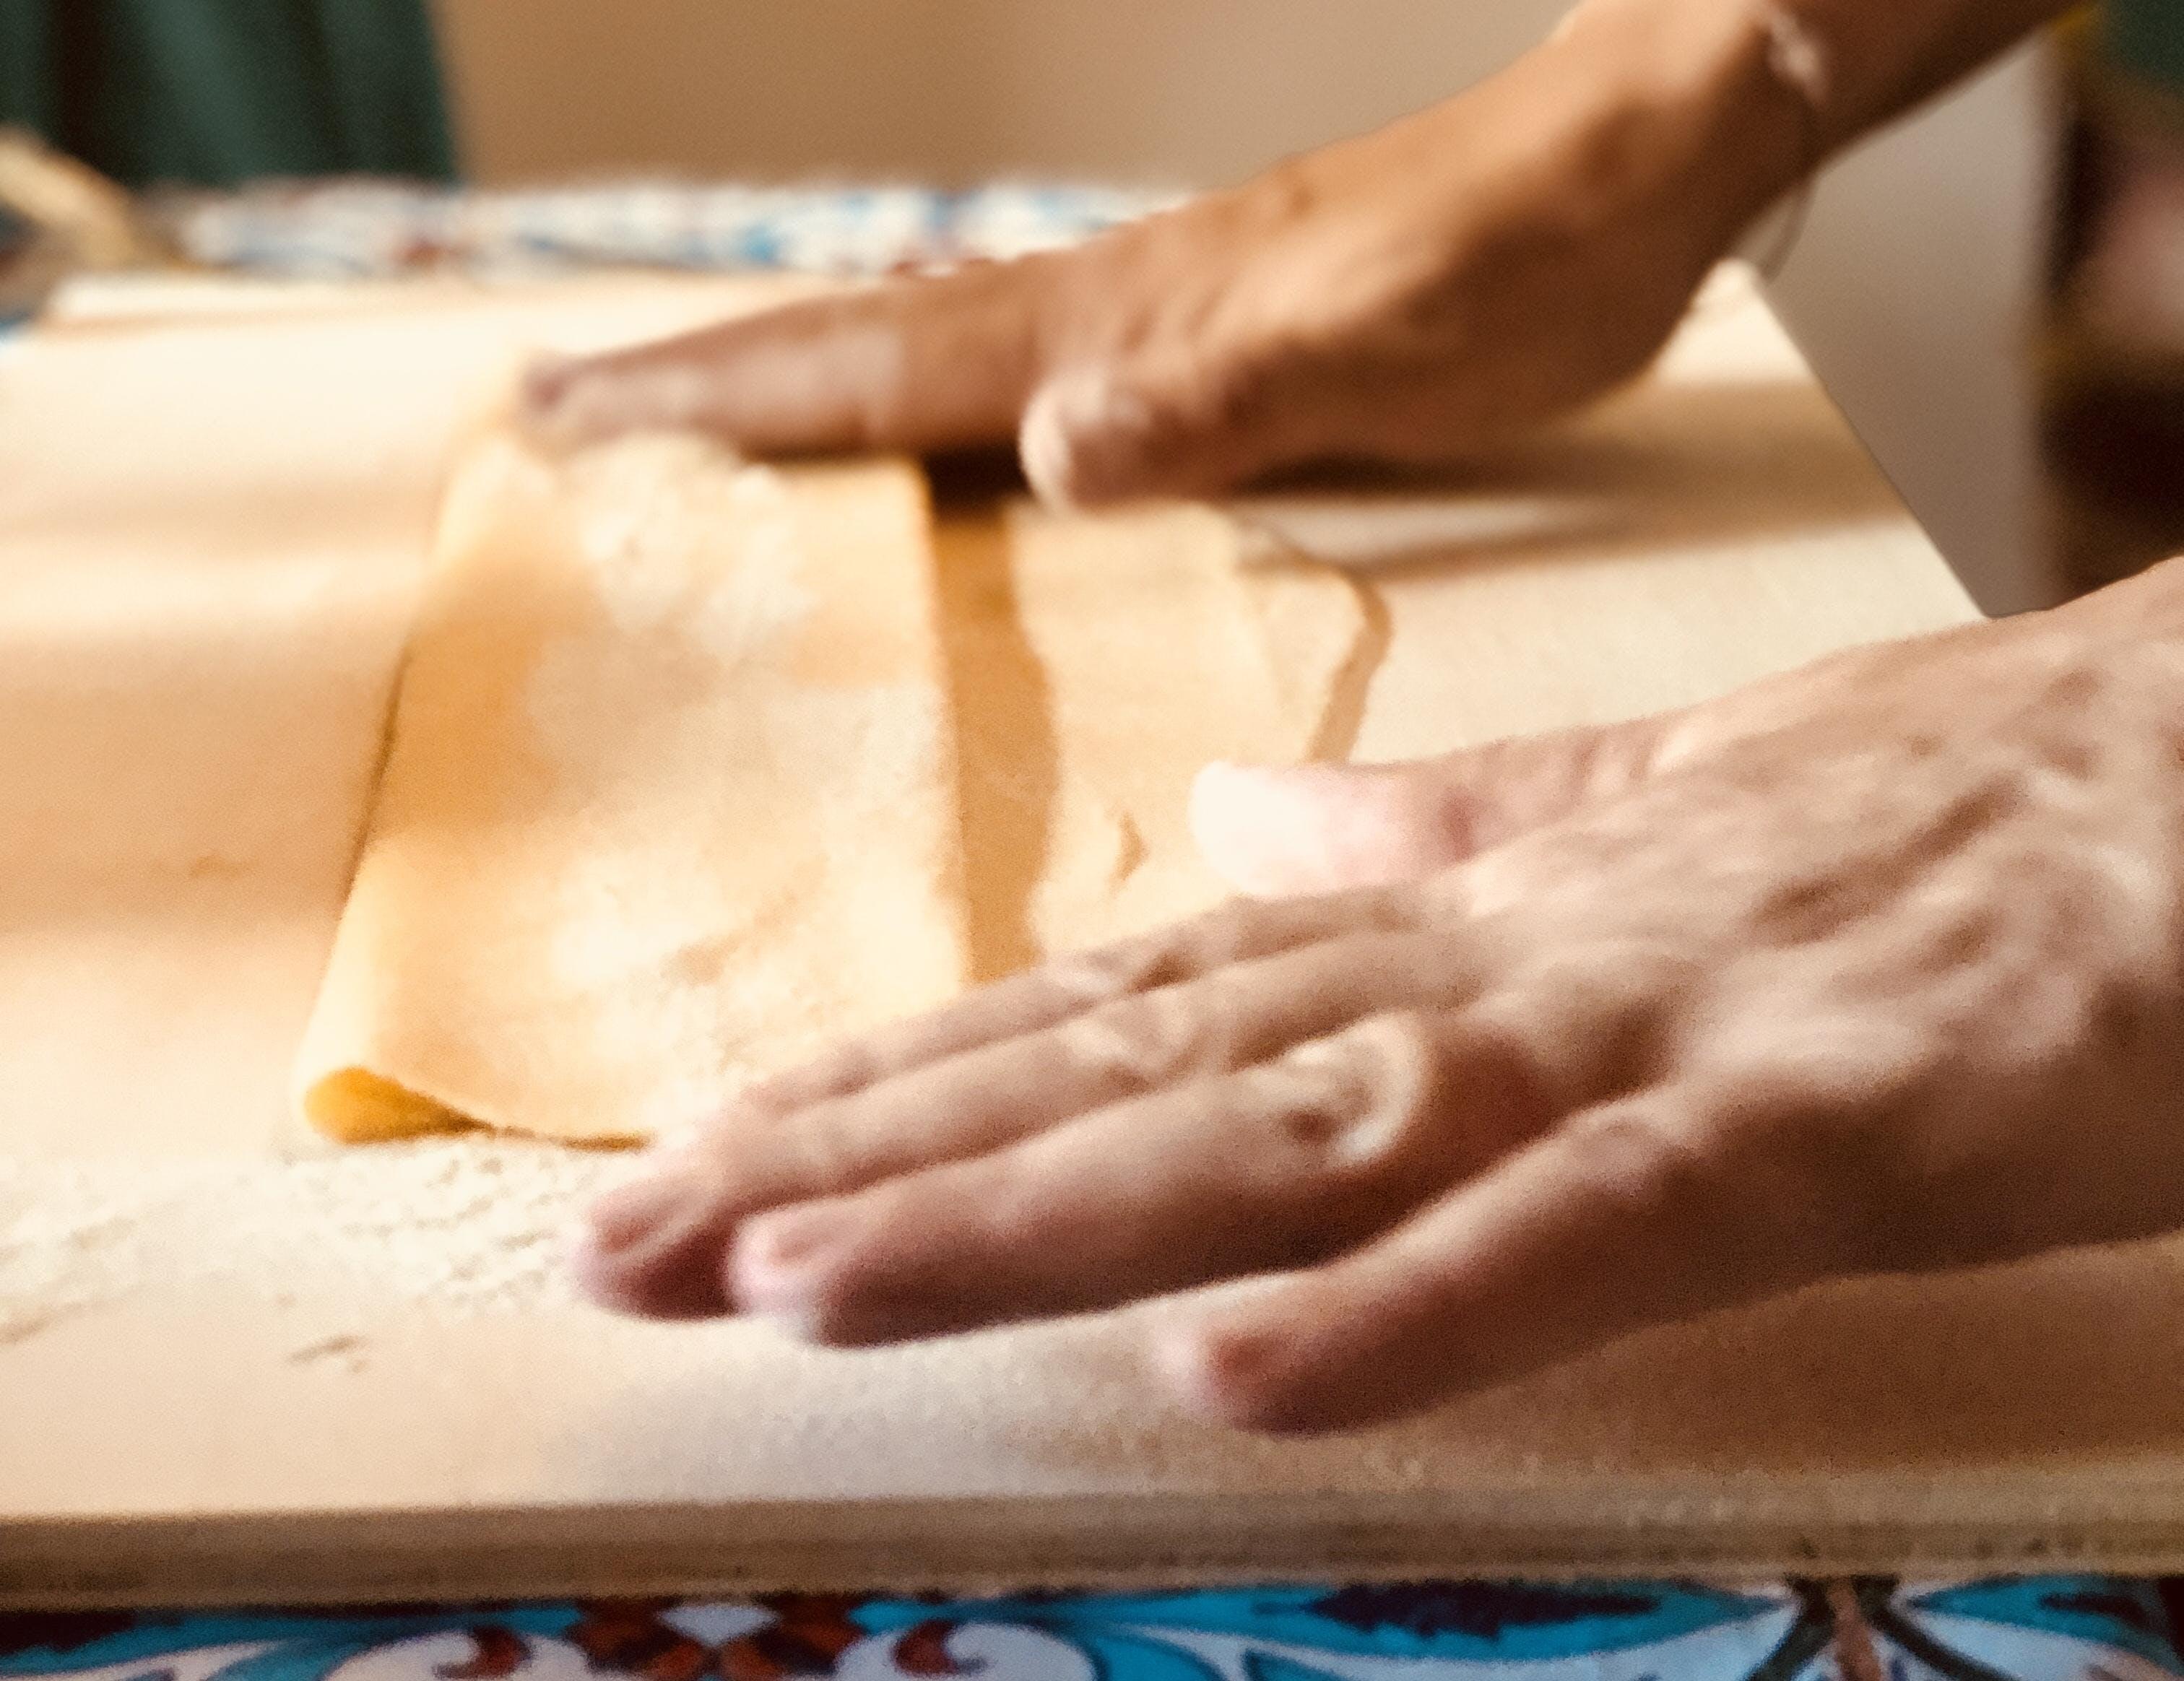 Cook and Eat Polenta Pasta and Tiramisù